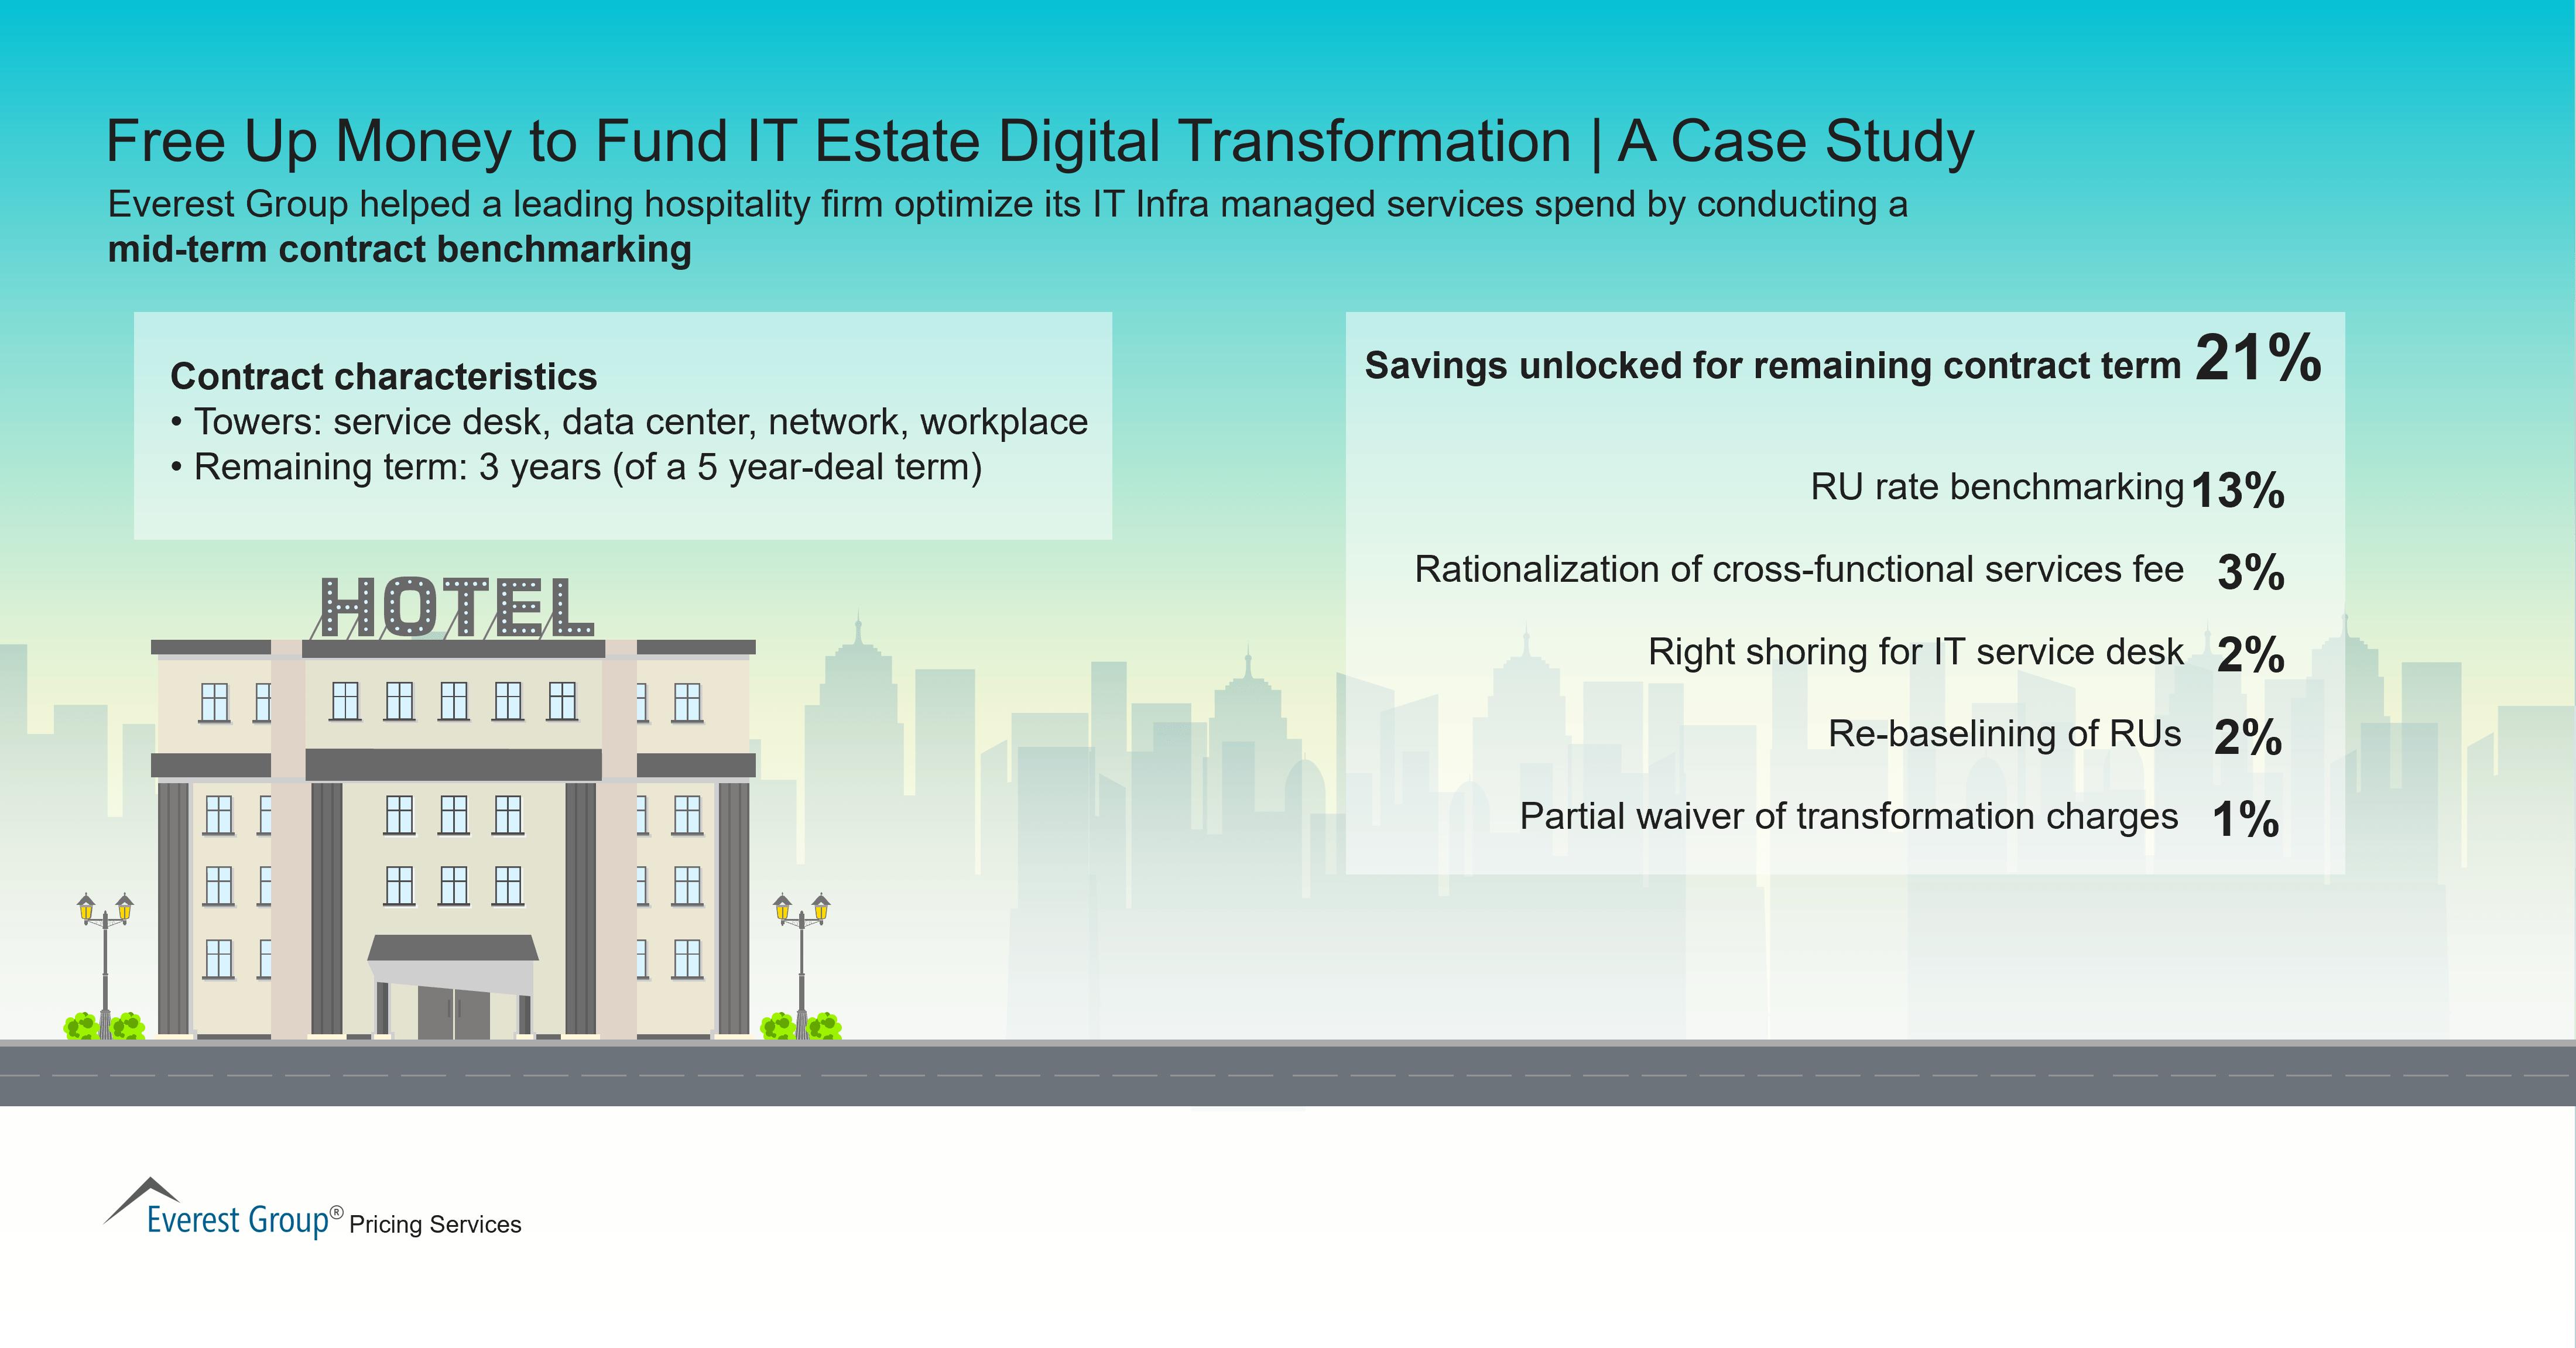 Free Up Money to Fund IT Estate Digital Transformation